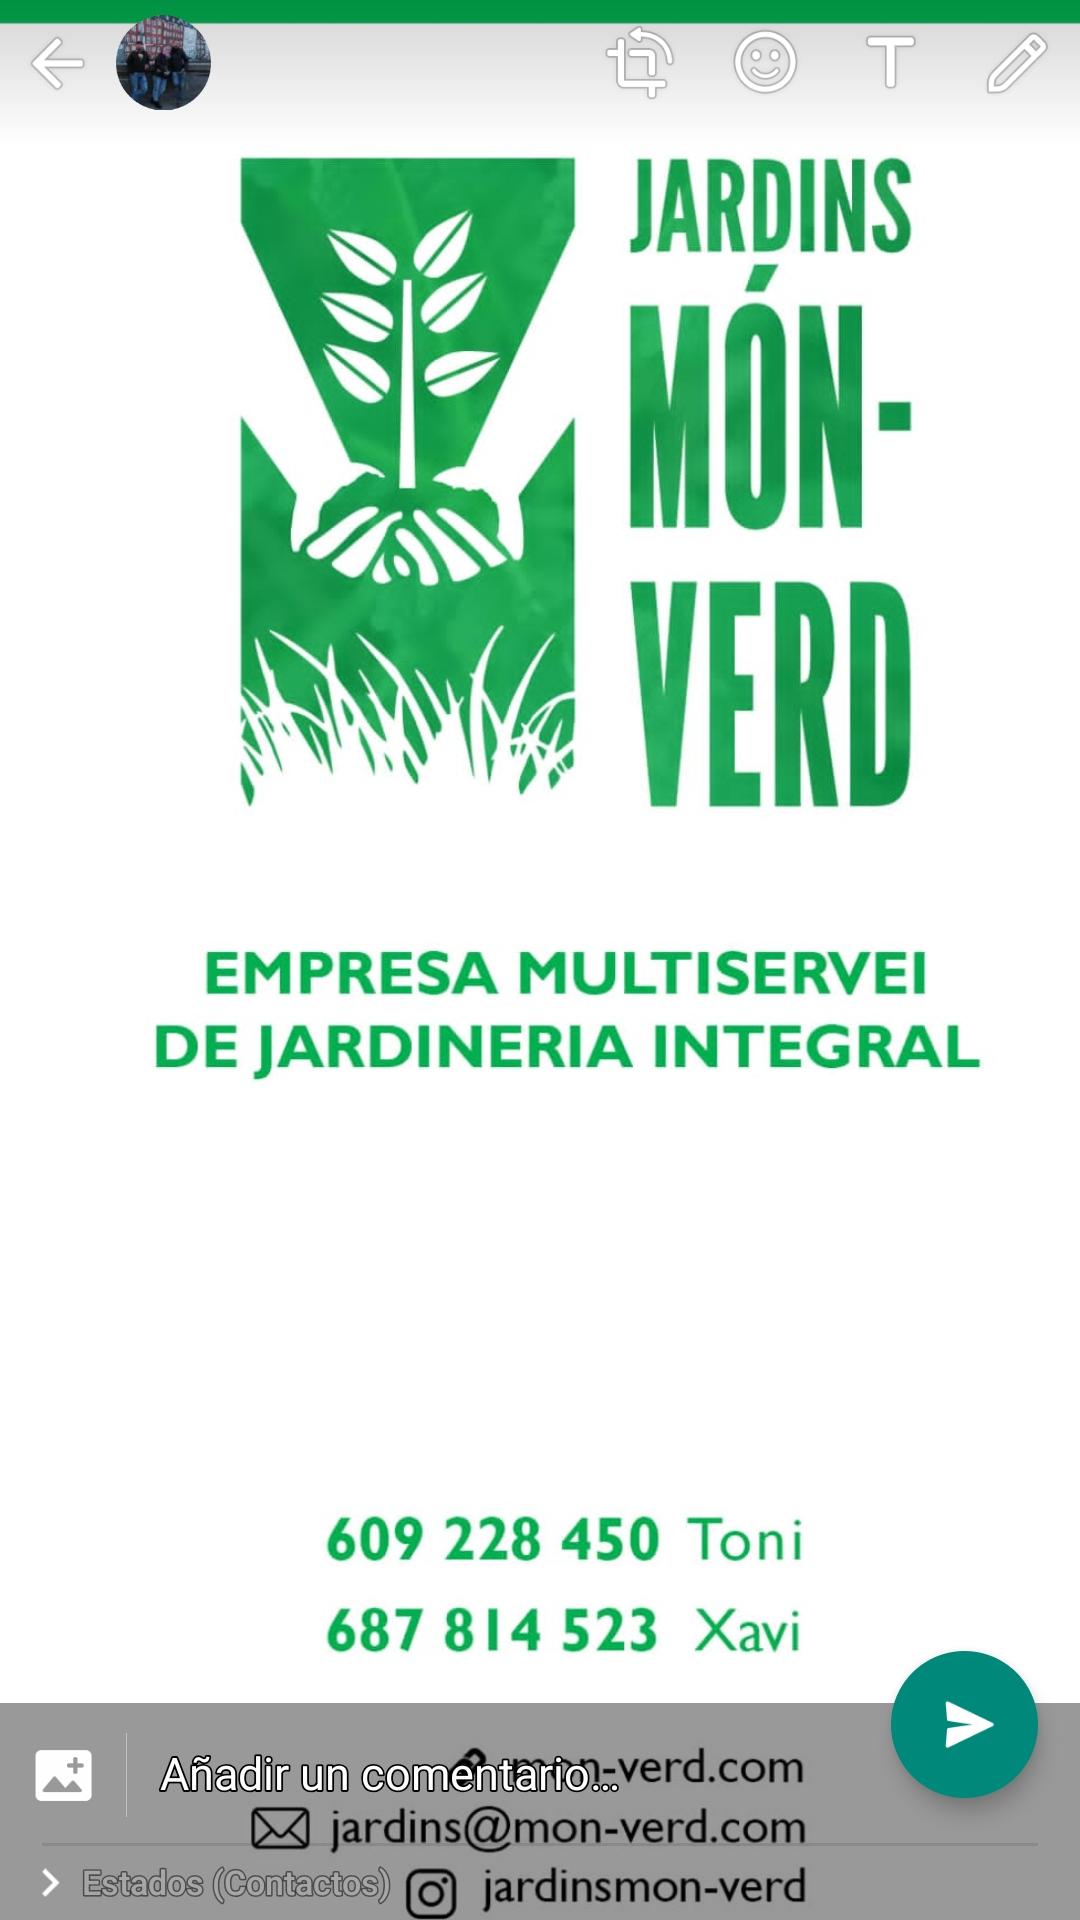 Jardins Mon-Verd